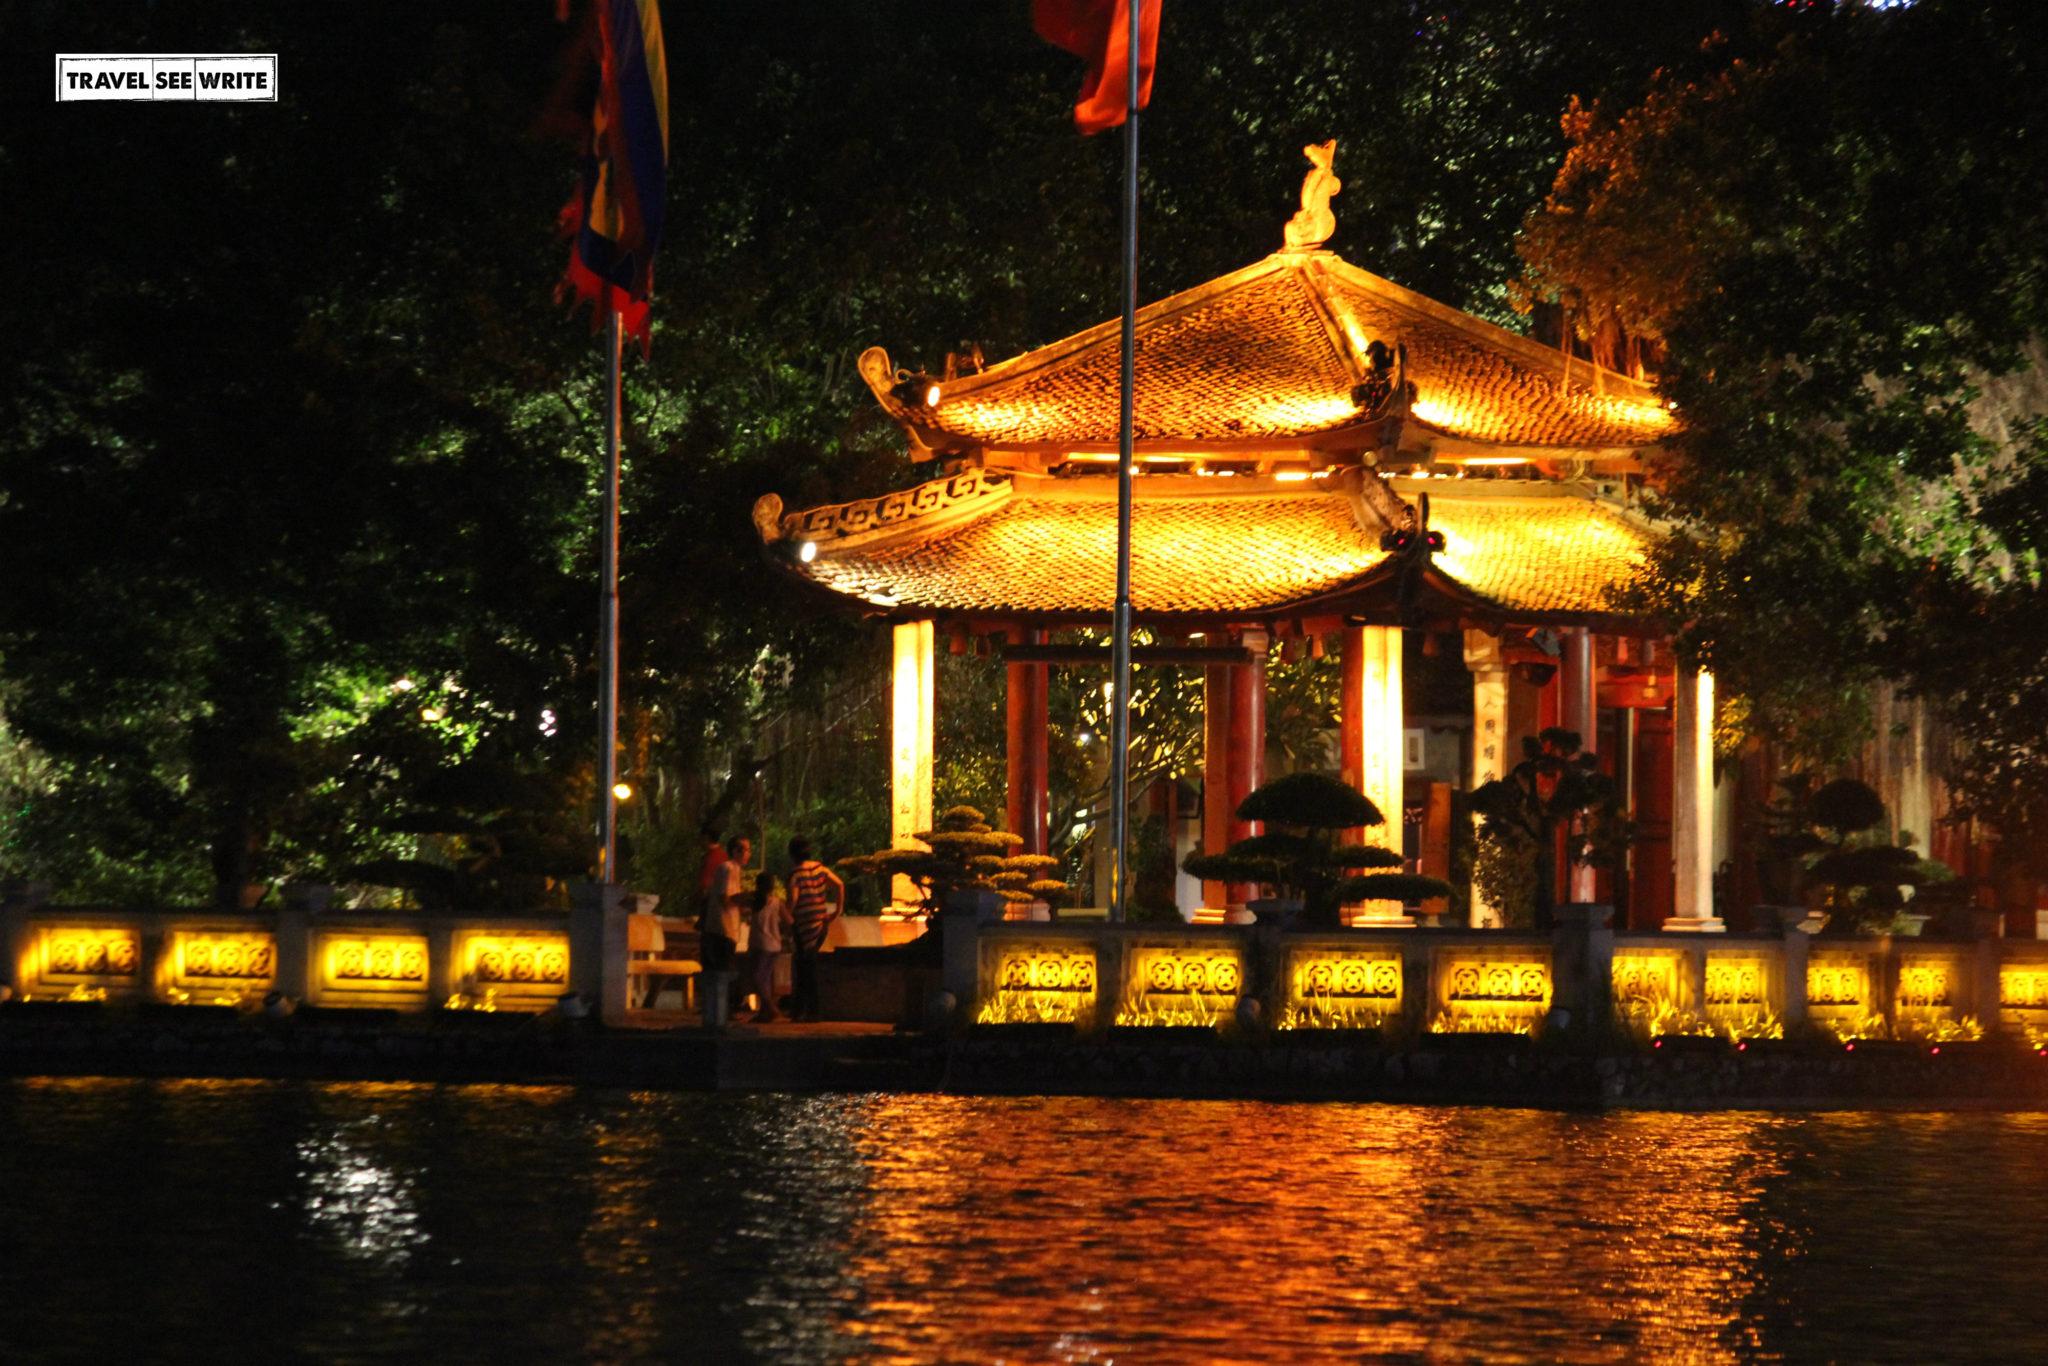 10 TIPS FOR HANOI BUDGET TRAVEL - travelseewrite